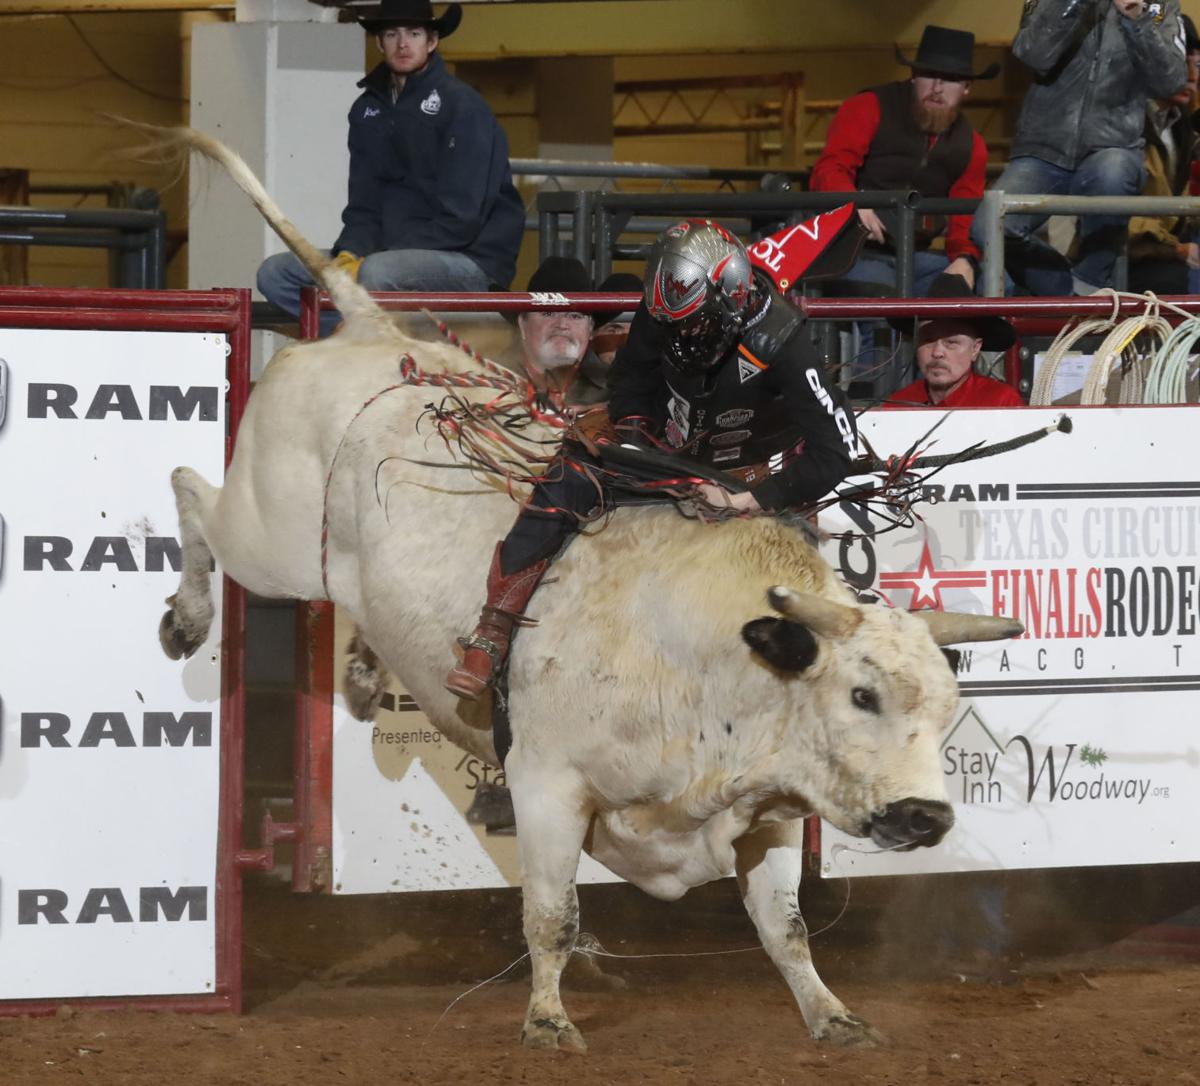 Ram Texas Circuit Finals Rodeo In Waco Jan 3 2019